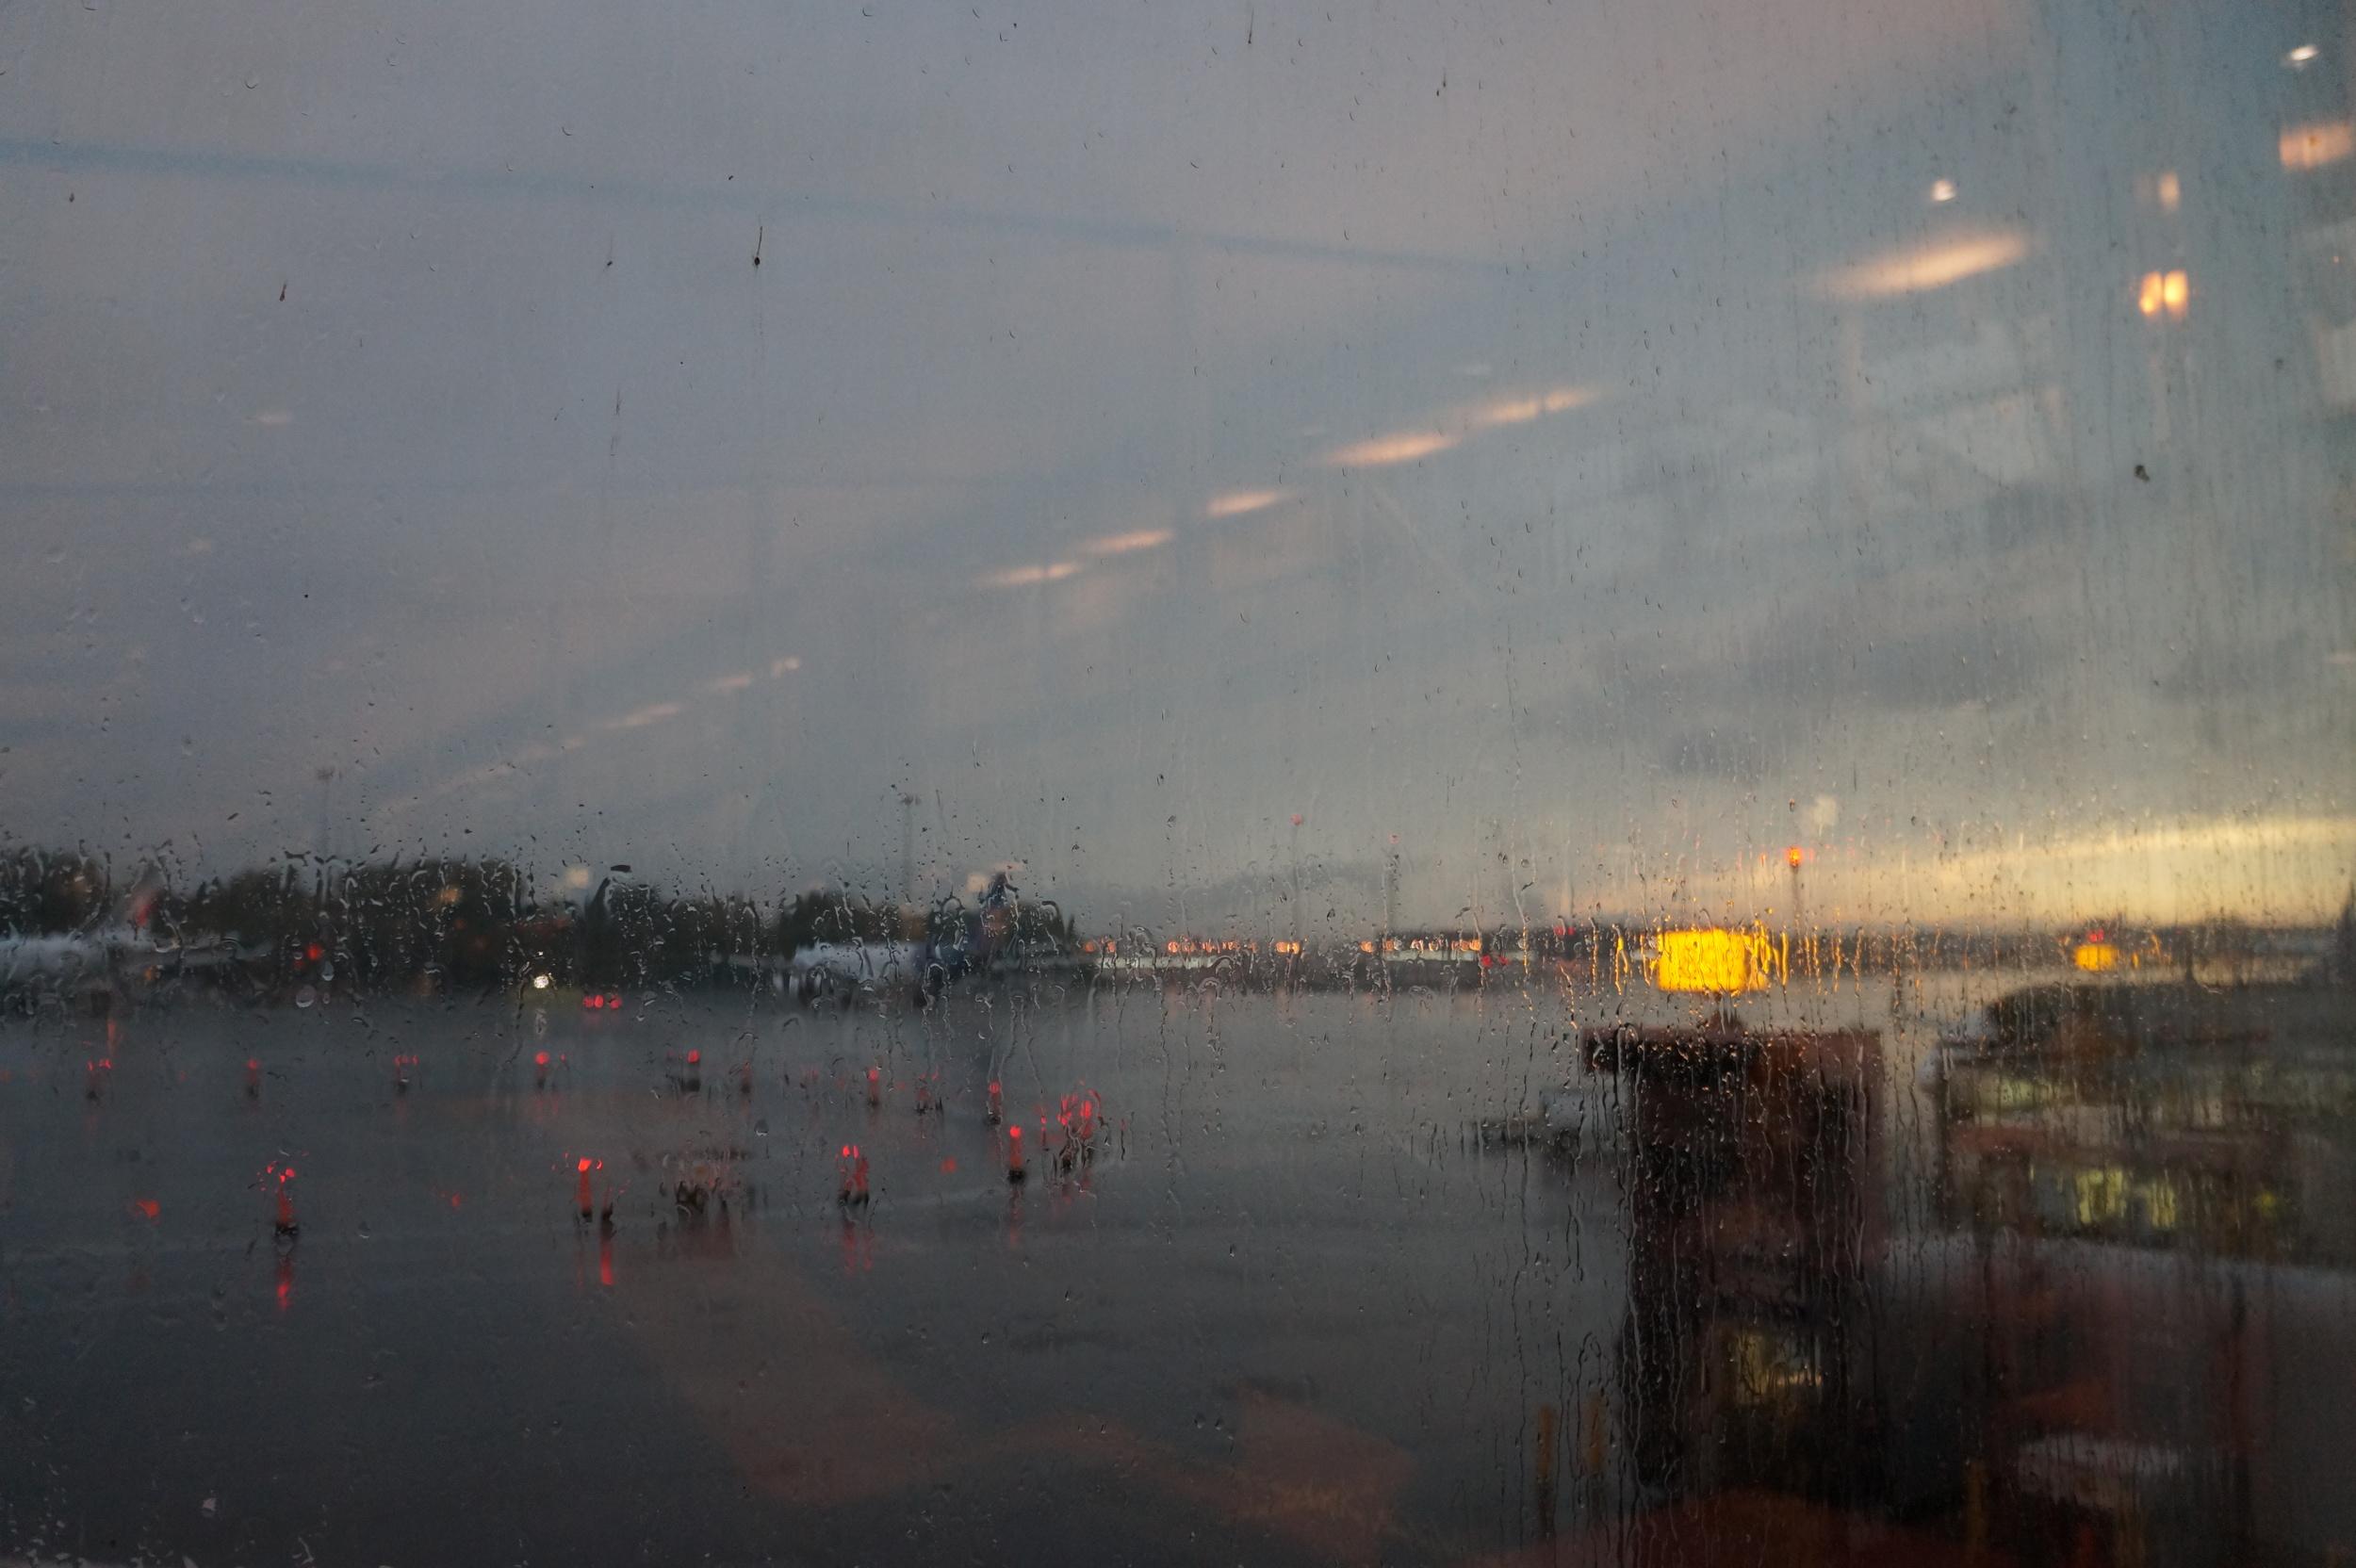 AirportStorm